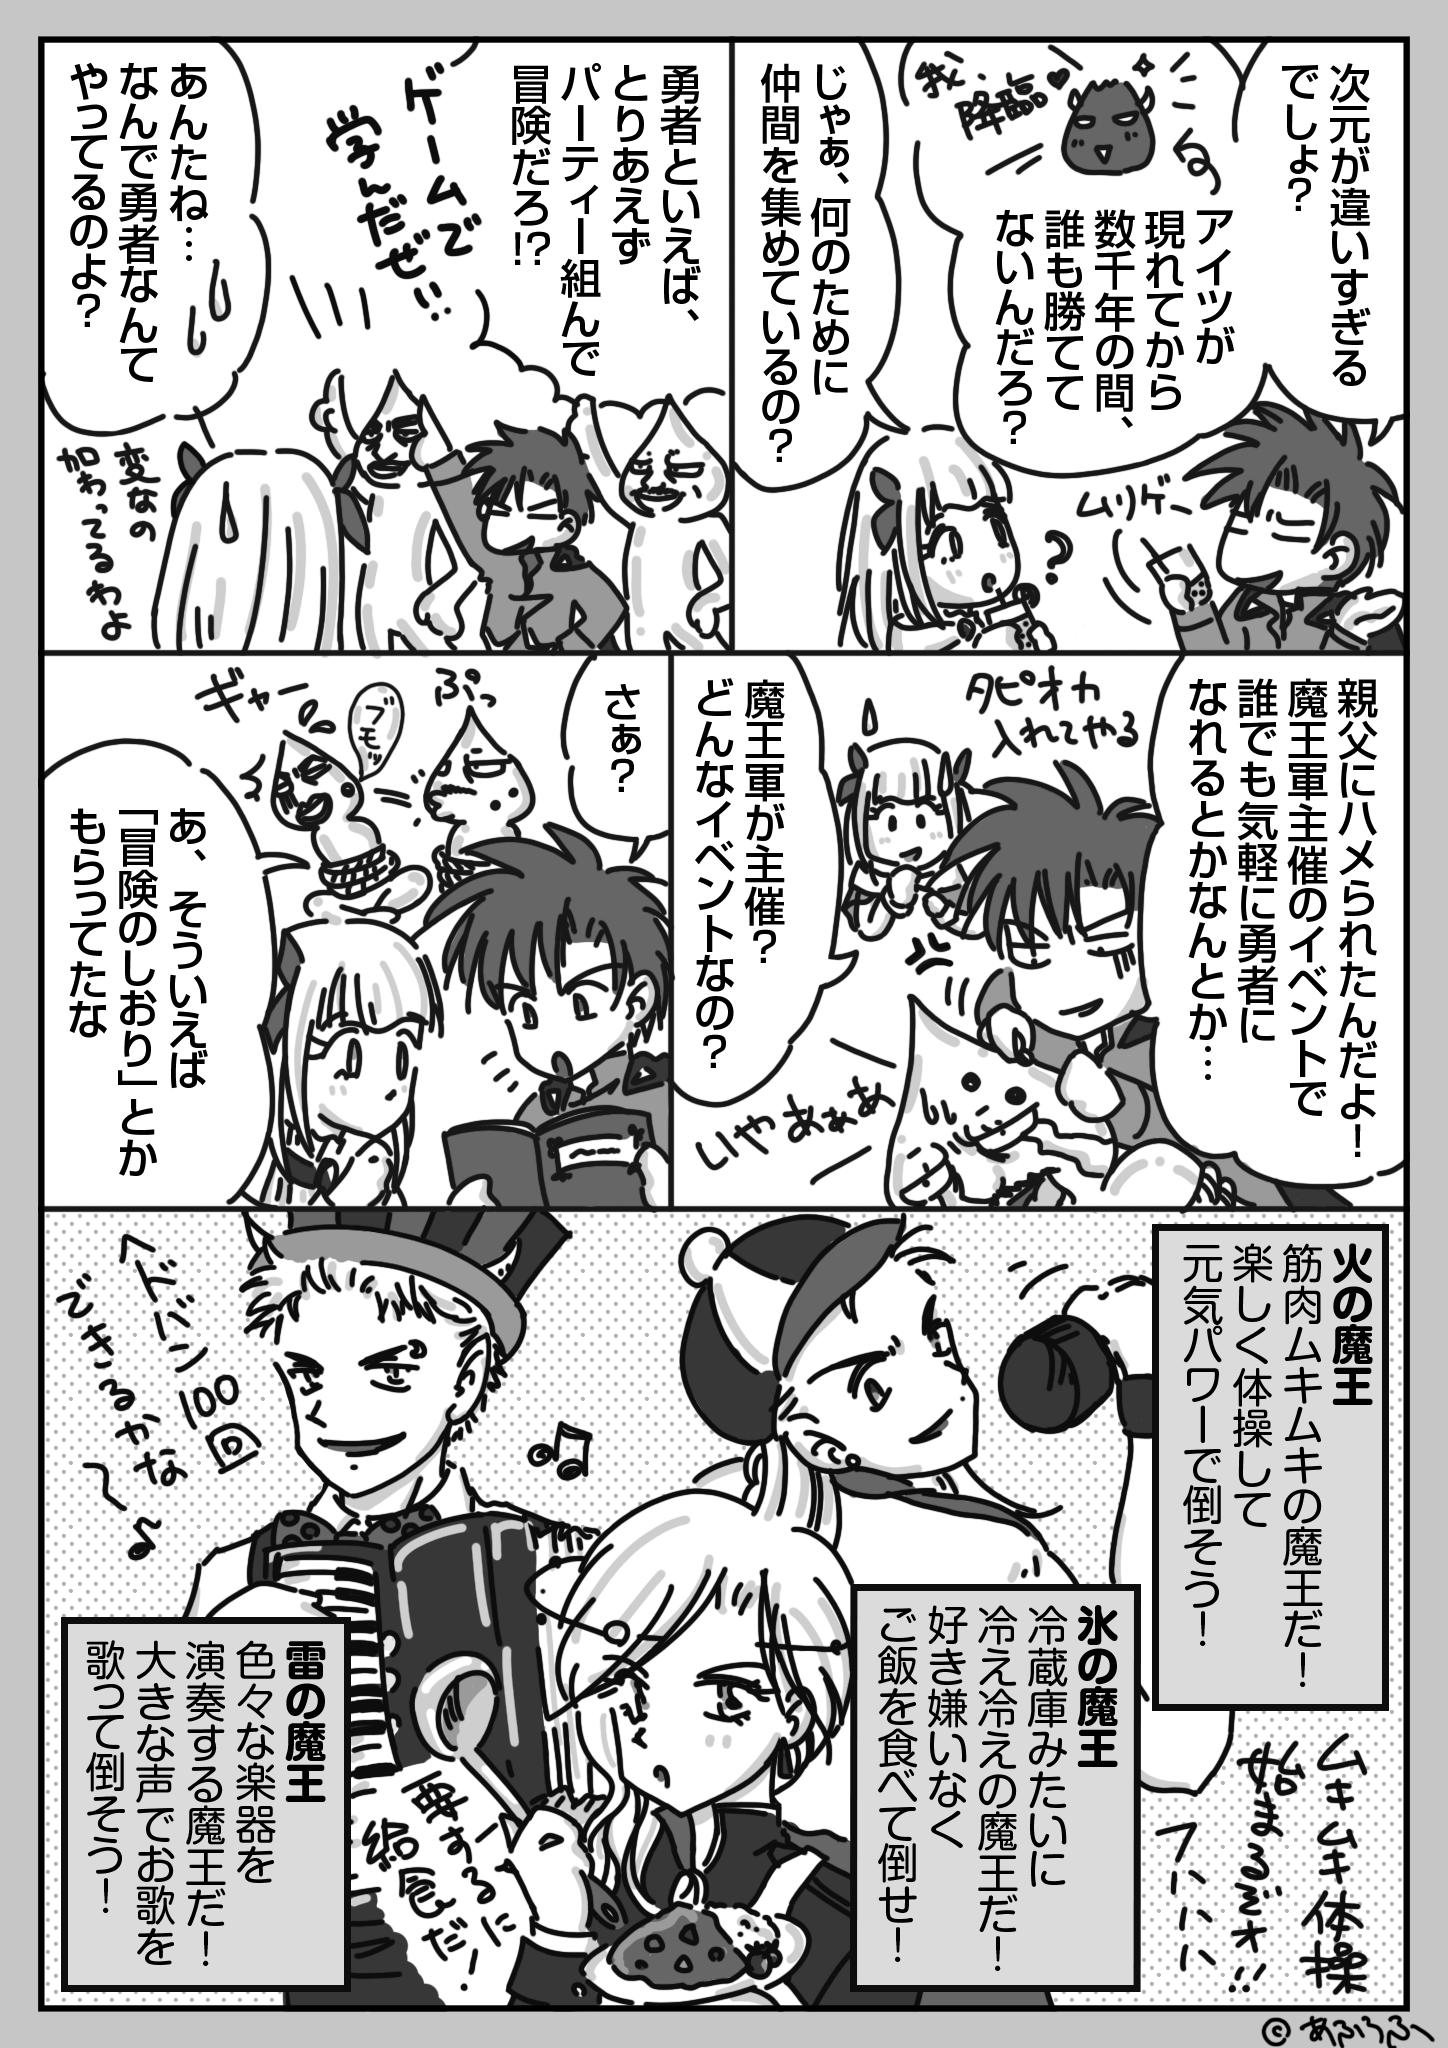 5話『大魔王城ツアーバスと暗黒タイツ軍団』(2)